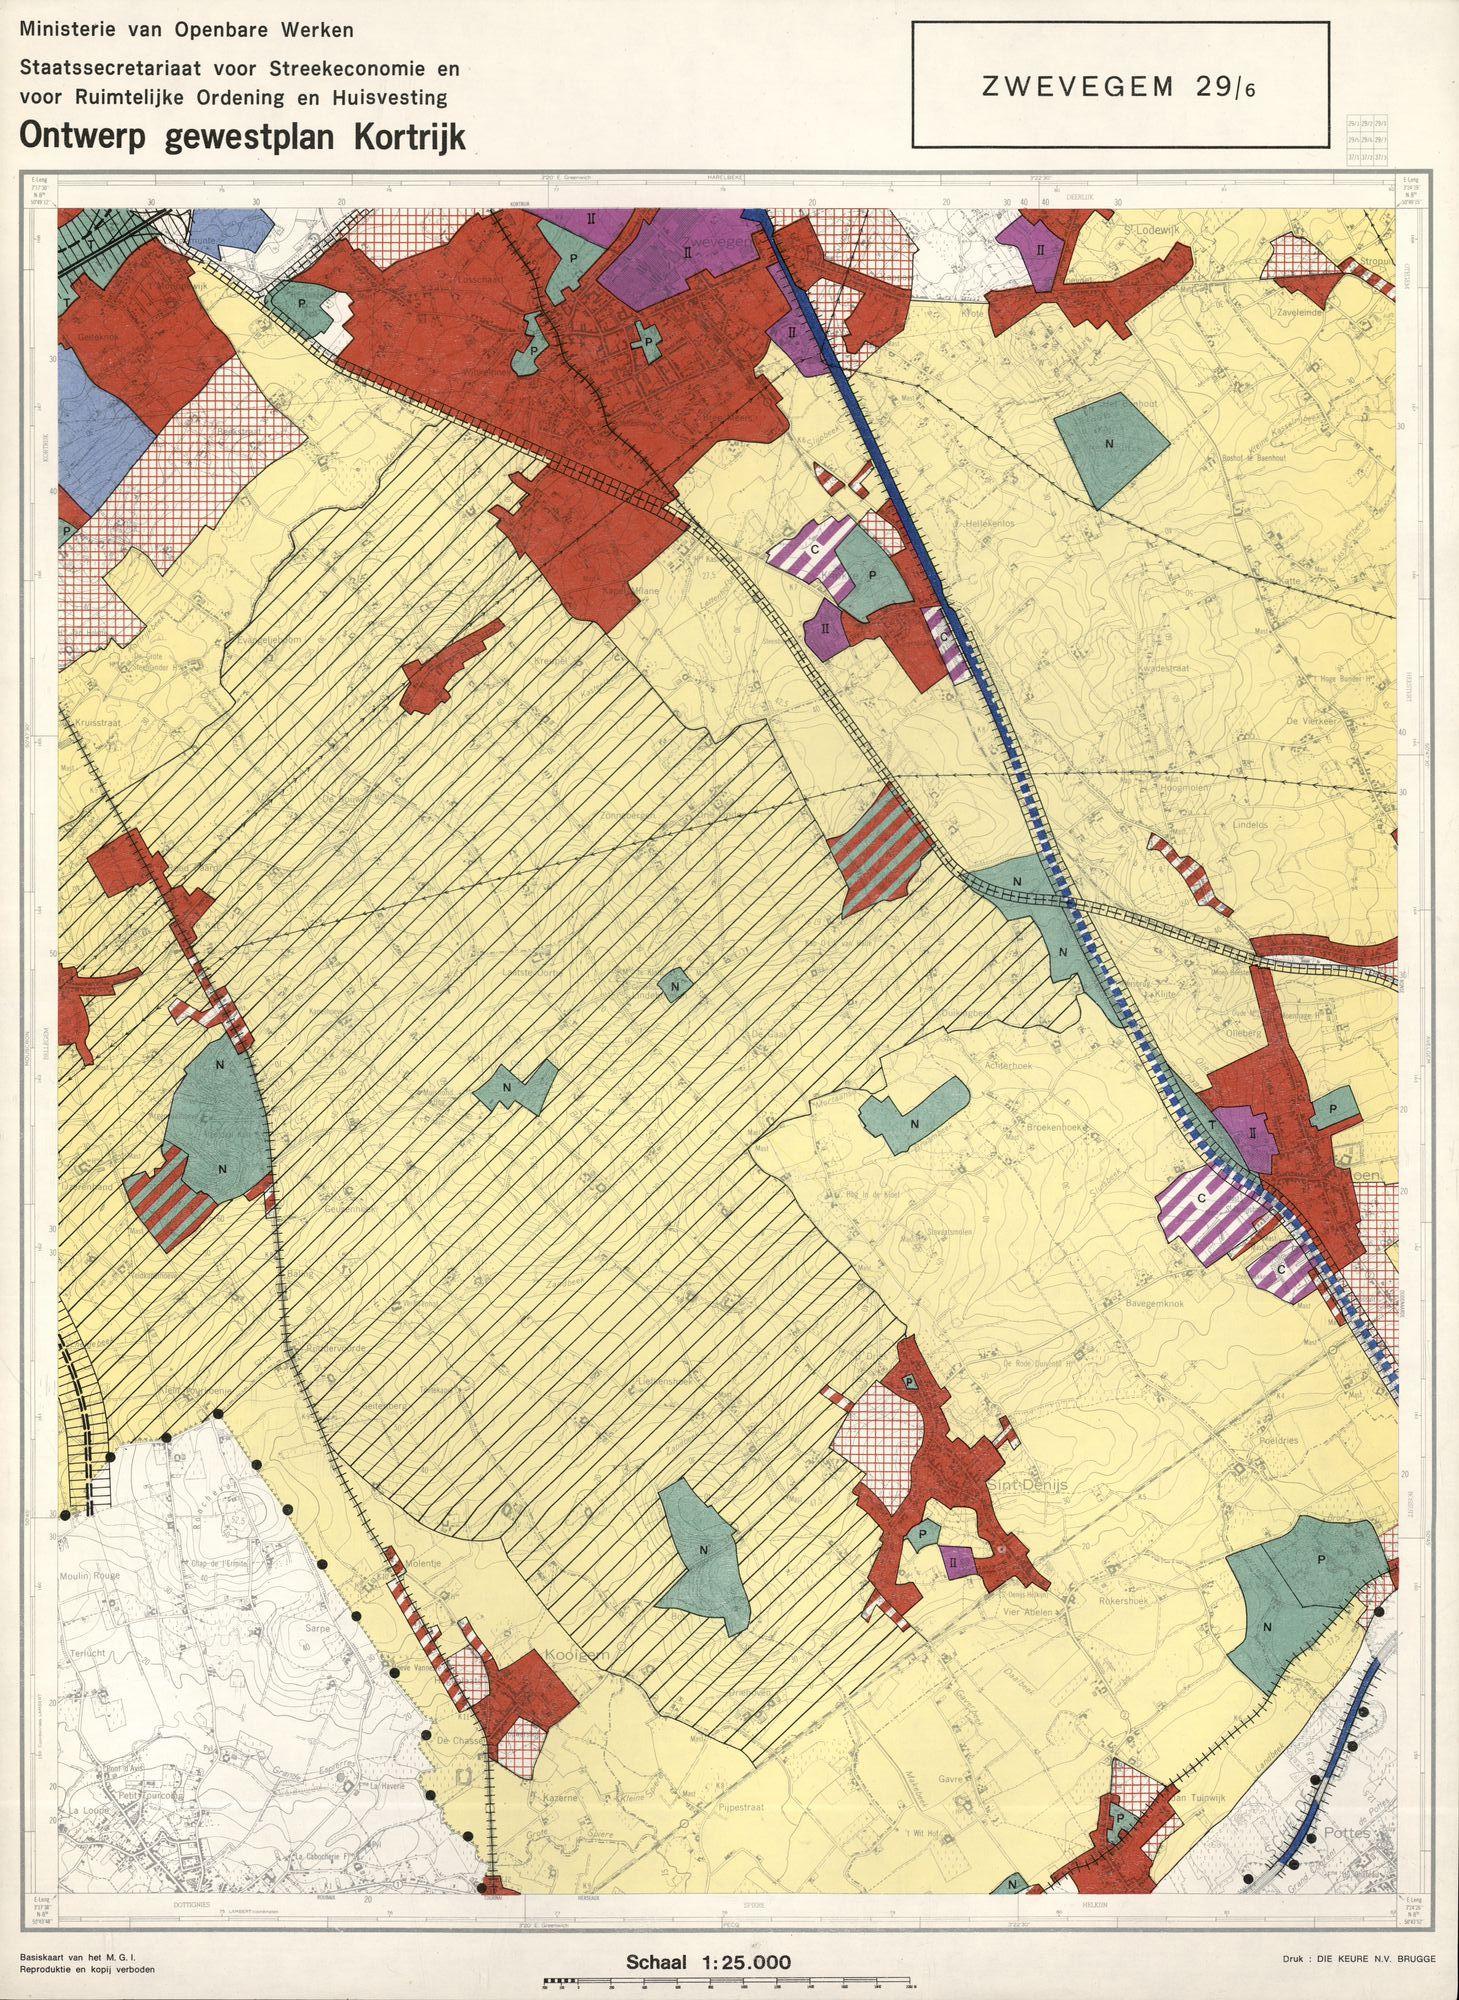 Ontwerp gewestplan Kortrijk, 1974